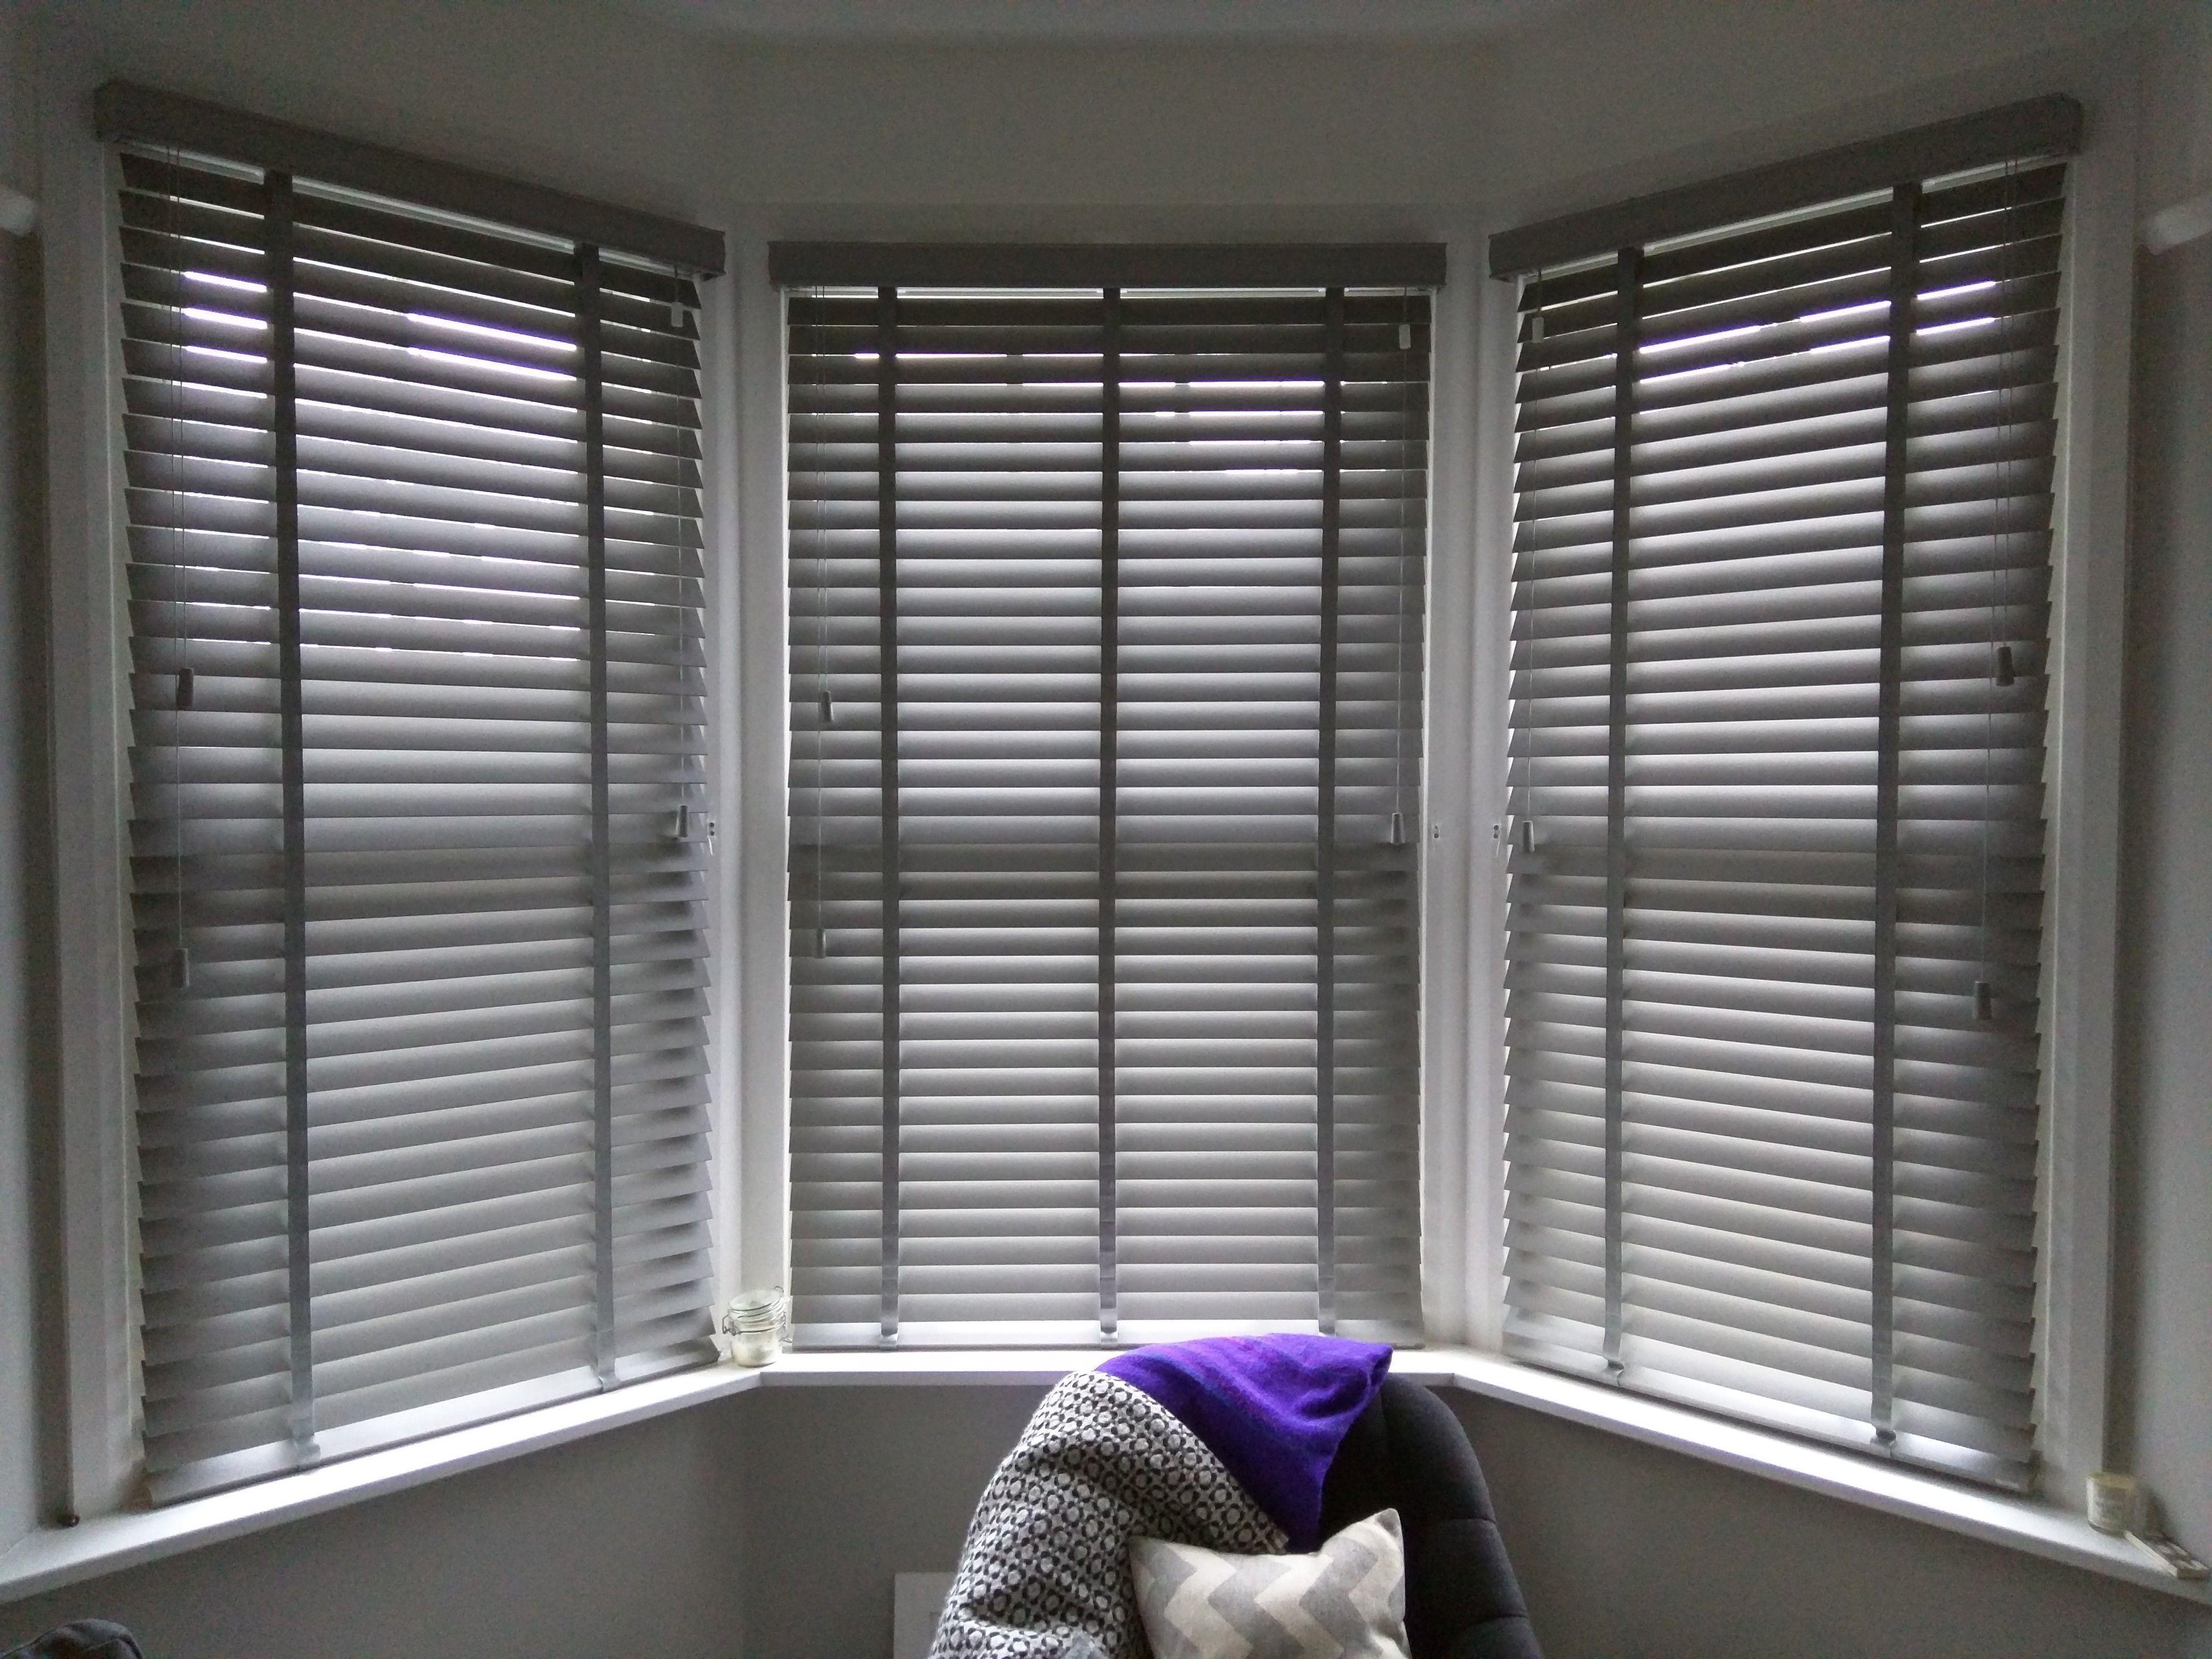 10 Capital Roller Blinds Fun Ideas Blinds Venetian Blinds Bay Window Blinds Design